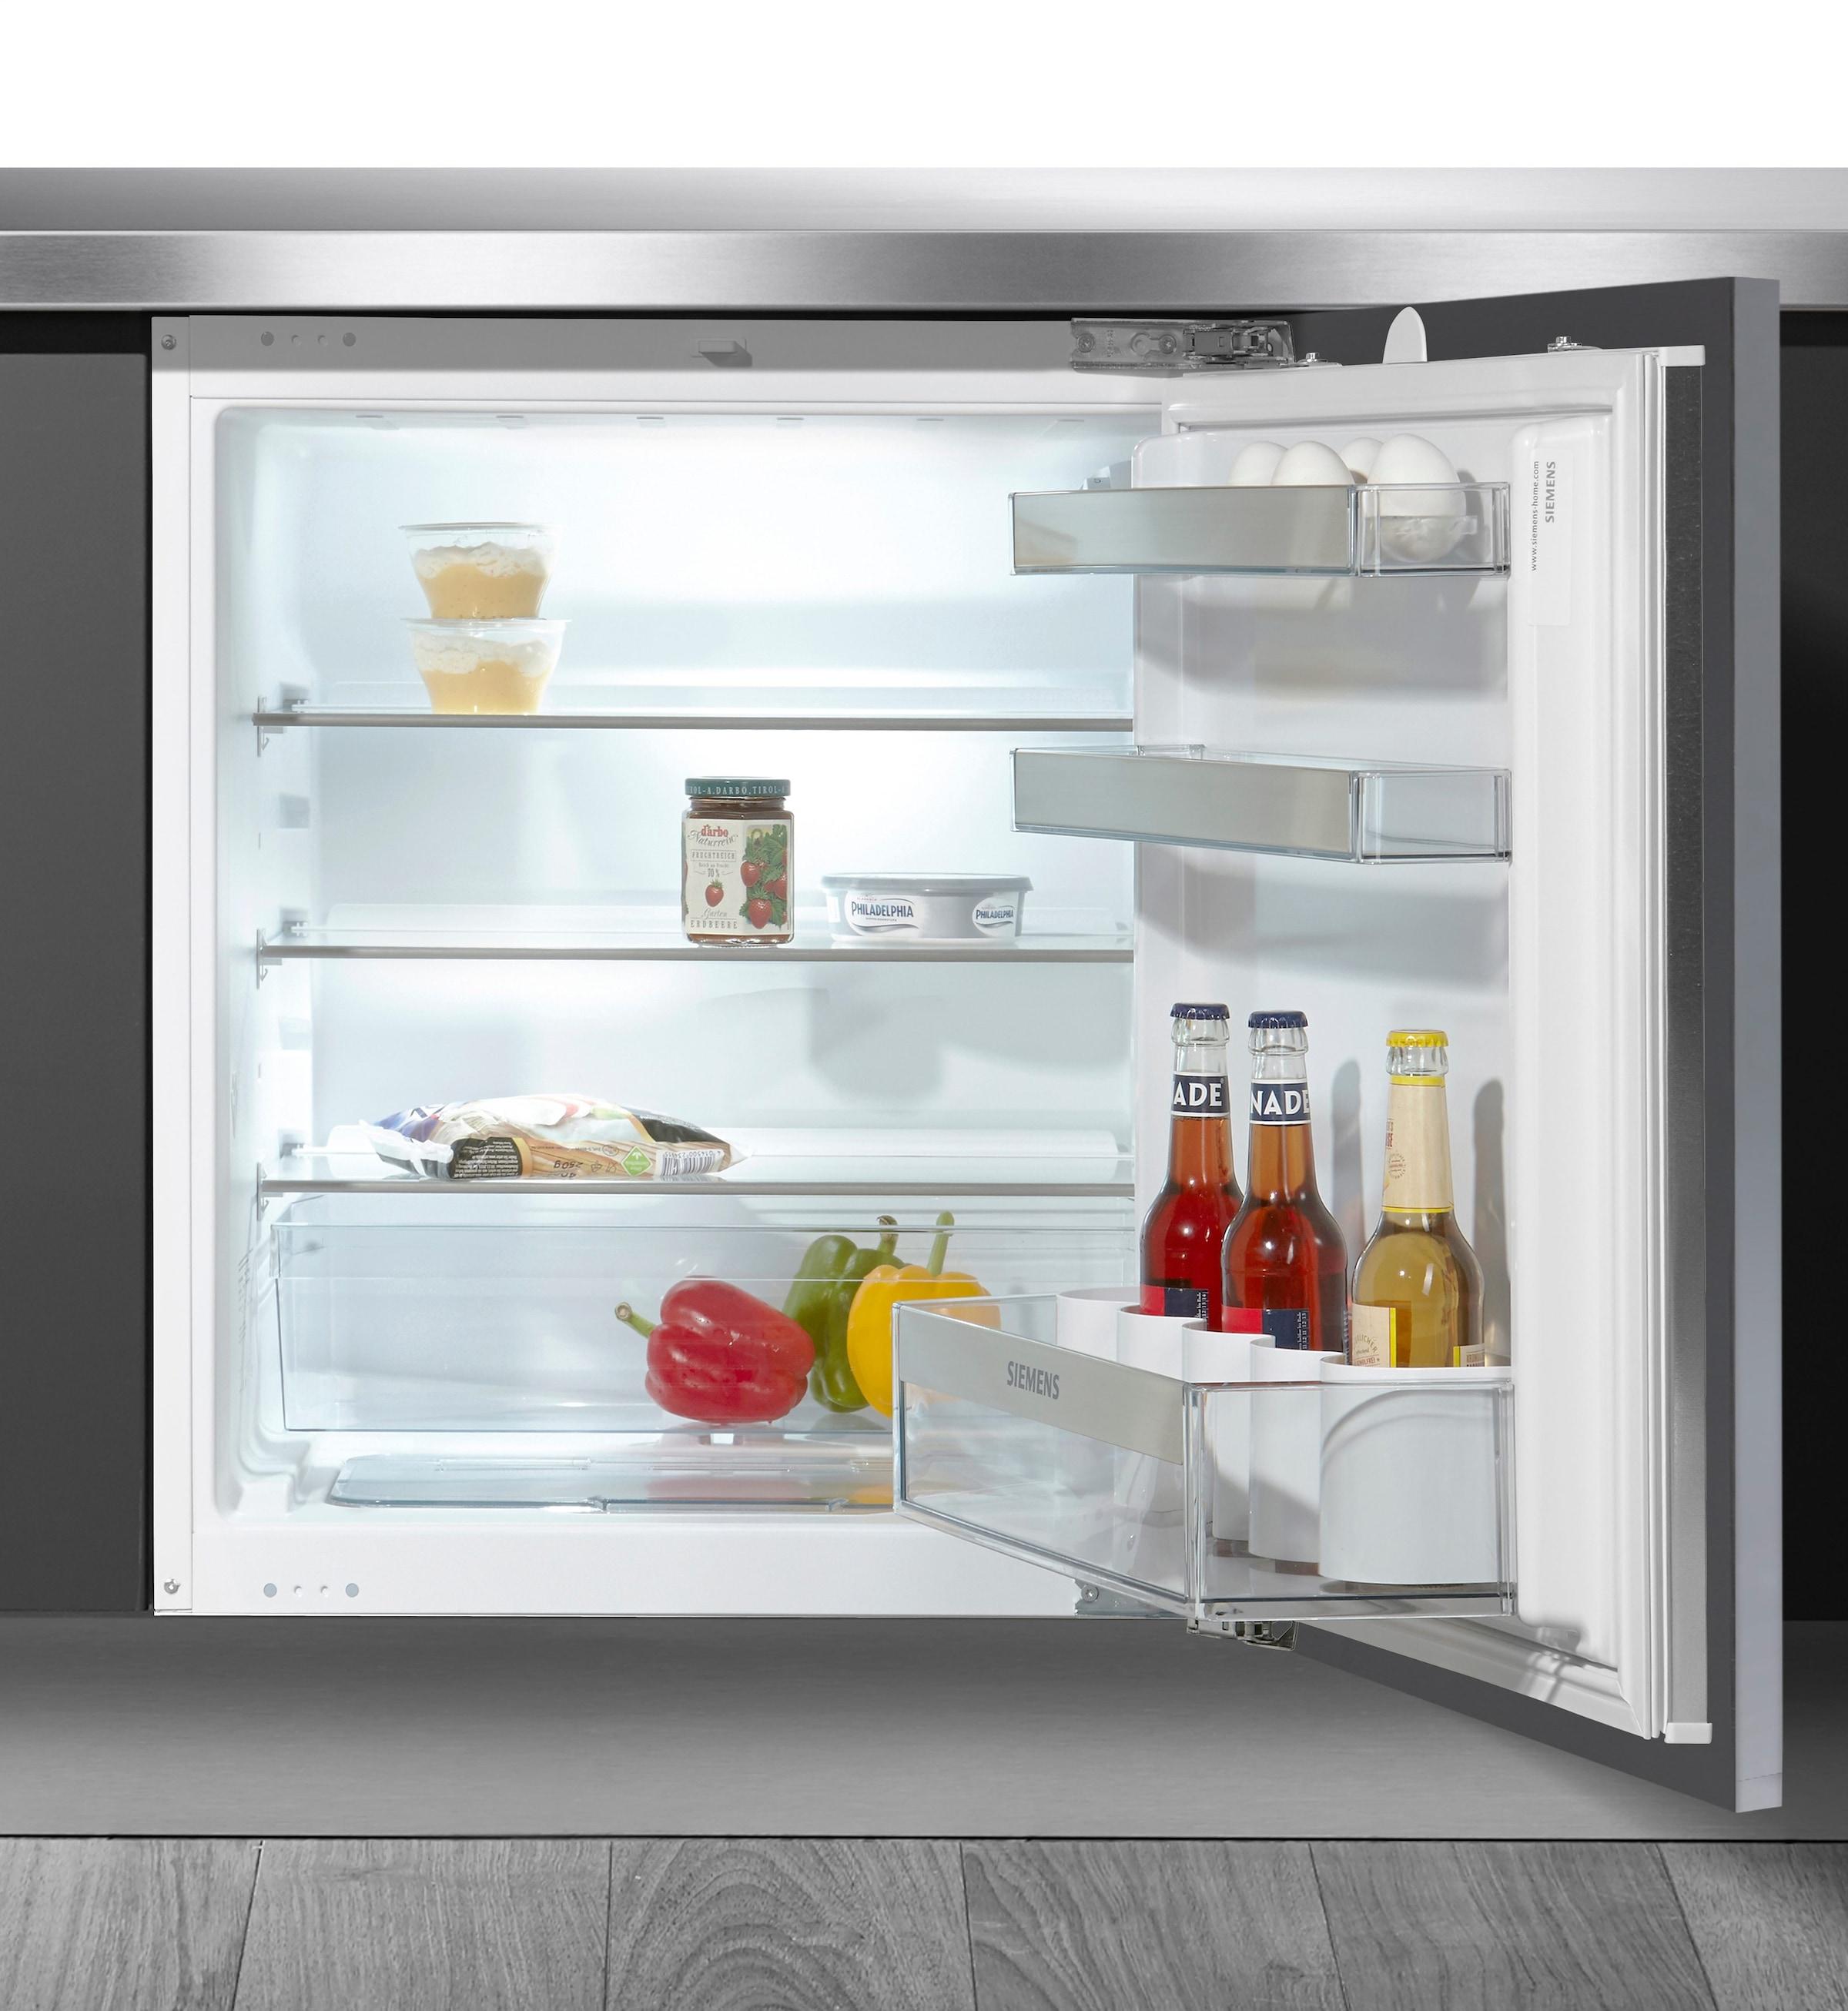 Siemens Kühlschrank Einbau : Einbaukühlschränke kauf auf rechnung baur